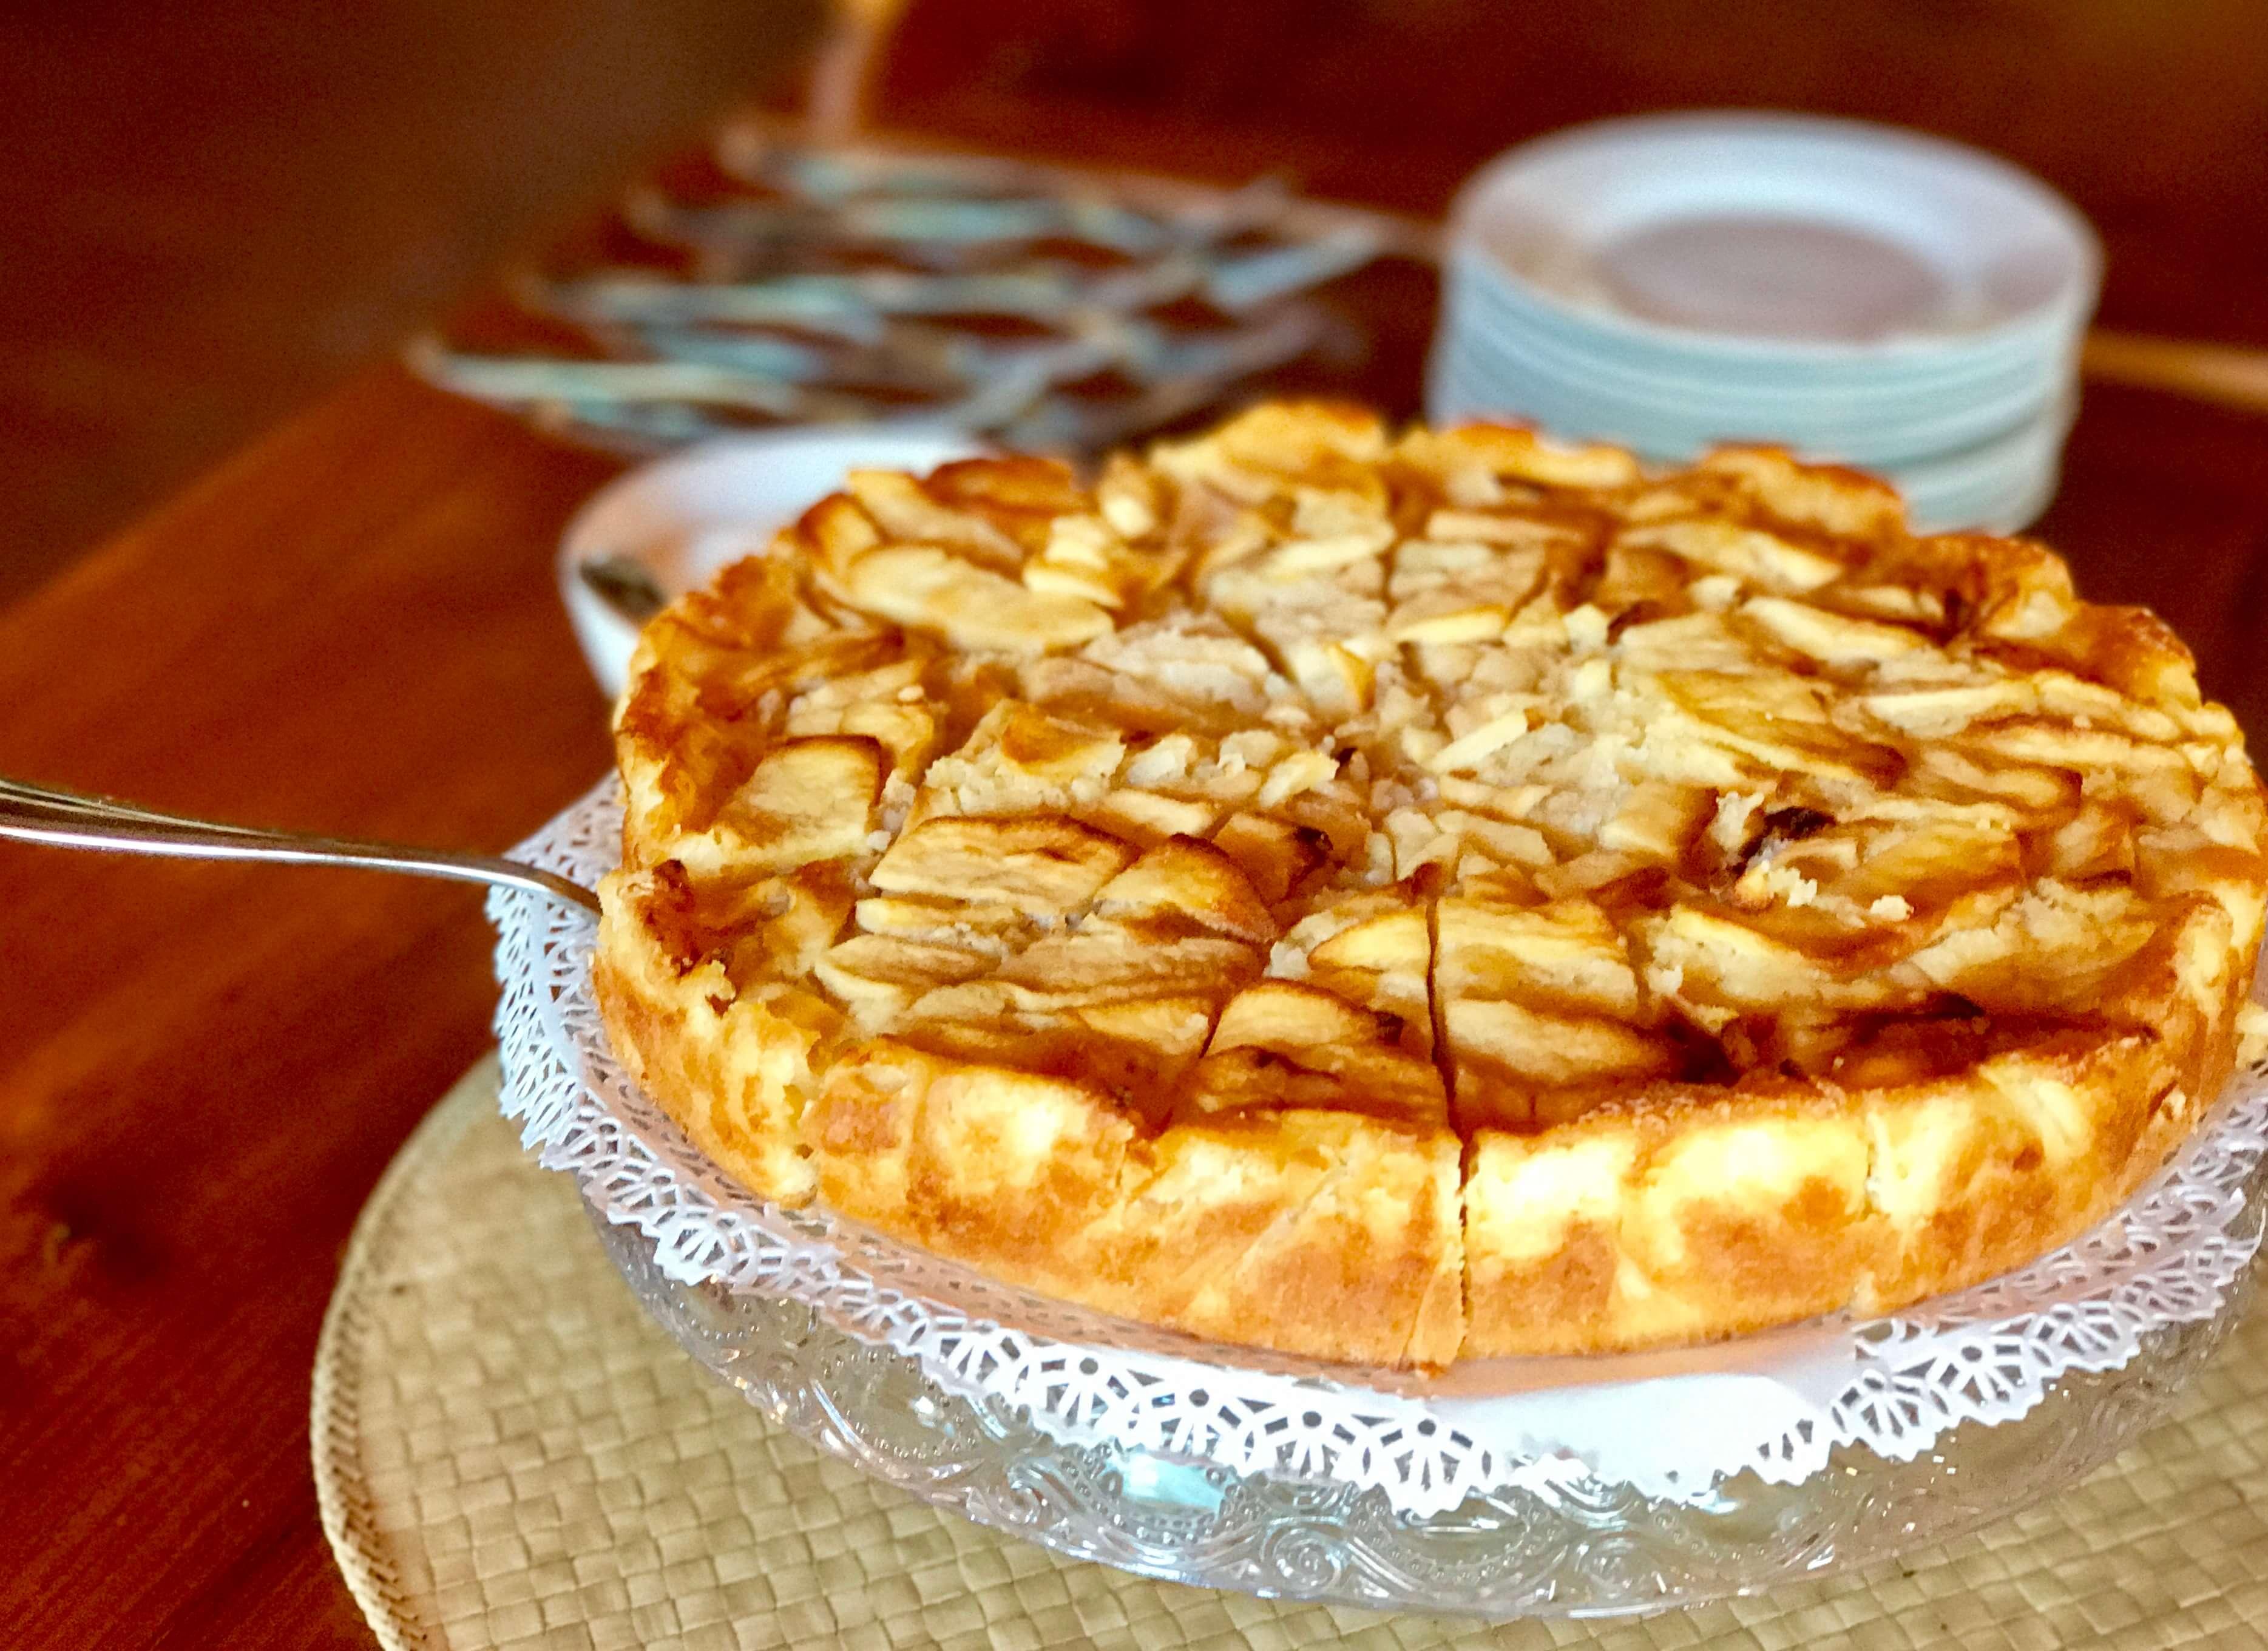 Food - Torta di Mela (Apple Cake)